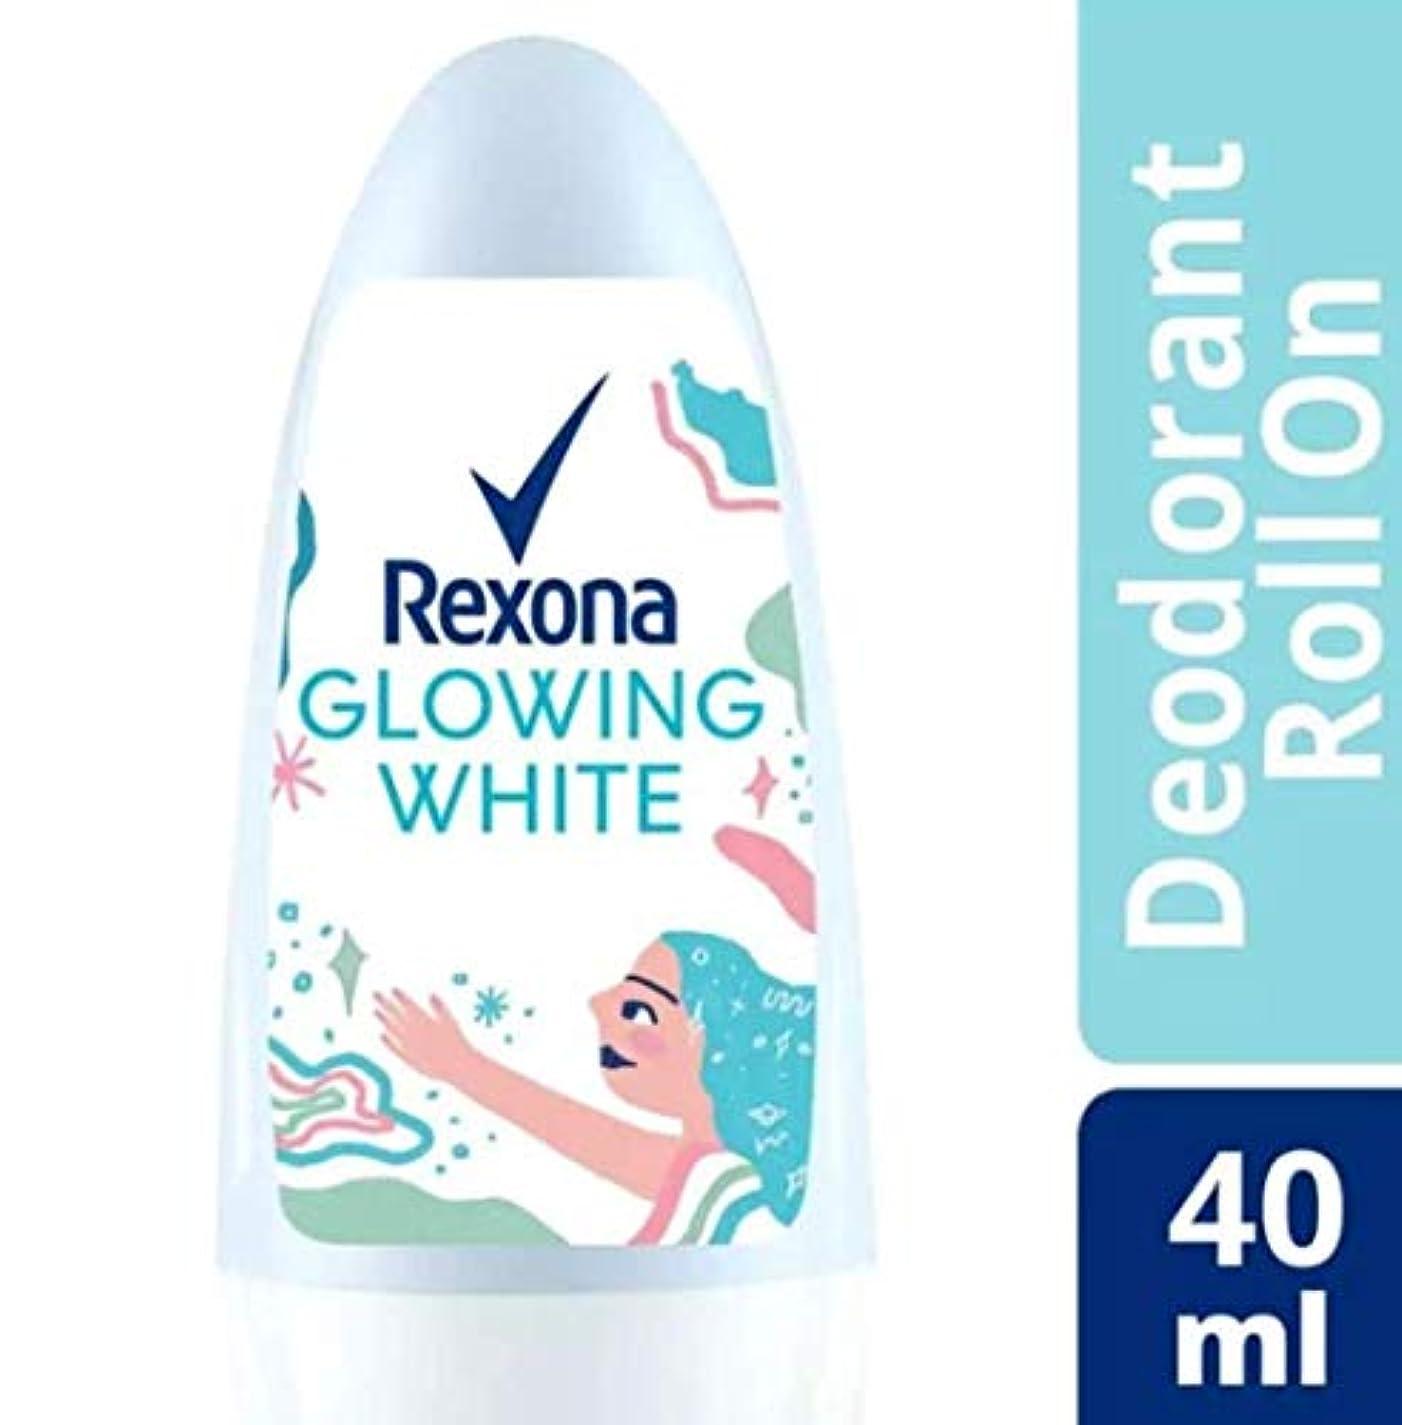 ぴったり退却求人Rexona レクソナ woman 制汗 デオドラント ロールオン GROWING WHITE【アルコール 0%】 ソフトなバラの香り 40ml [並行輸入品]